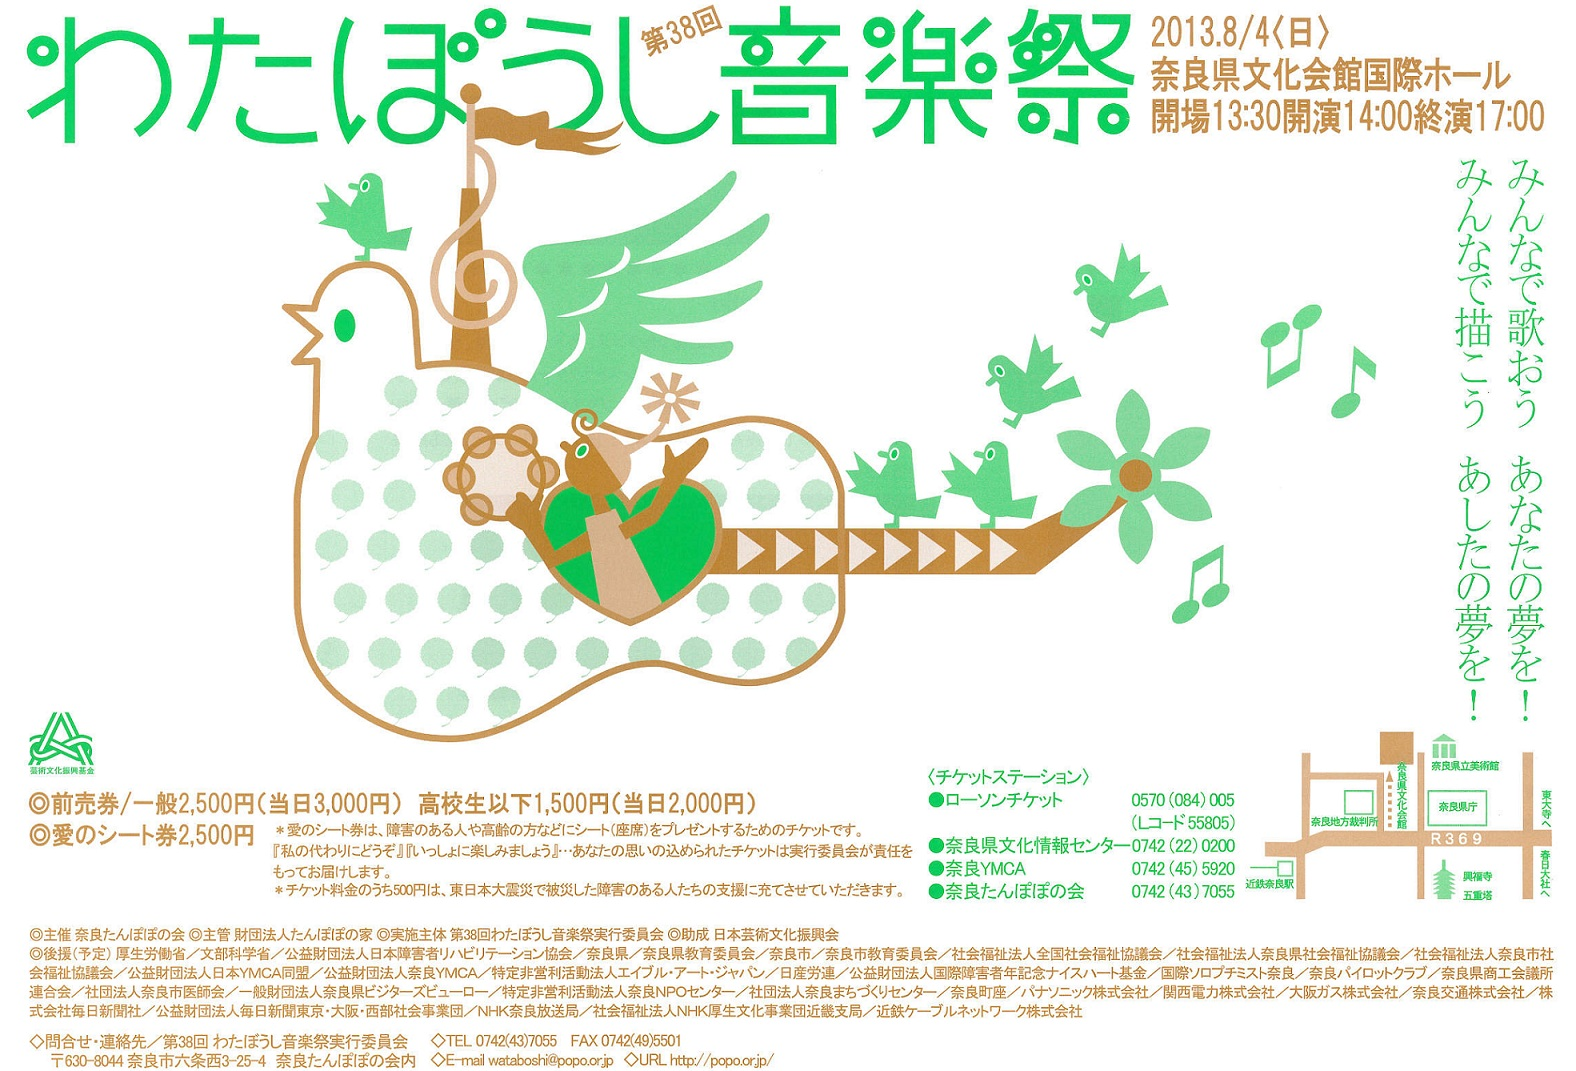 第38回わたぼうし音楽祭